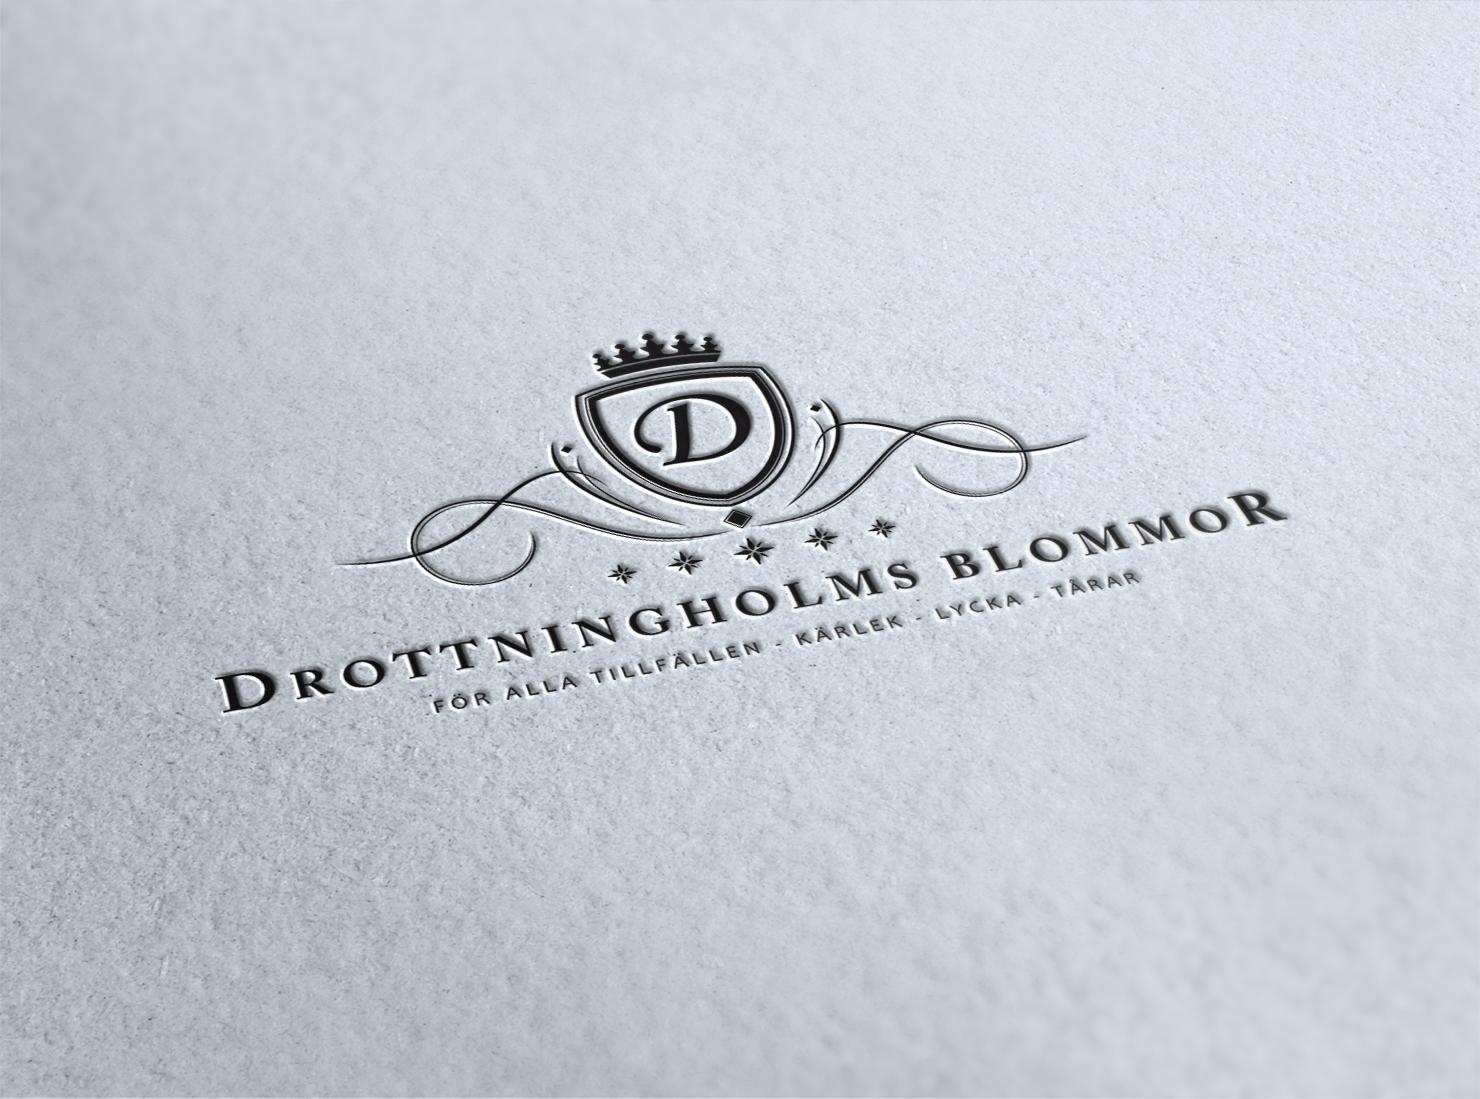 Drottningholms Blommor